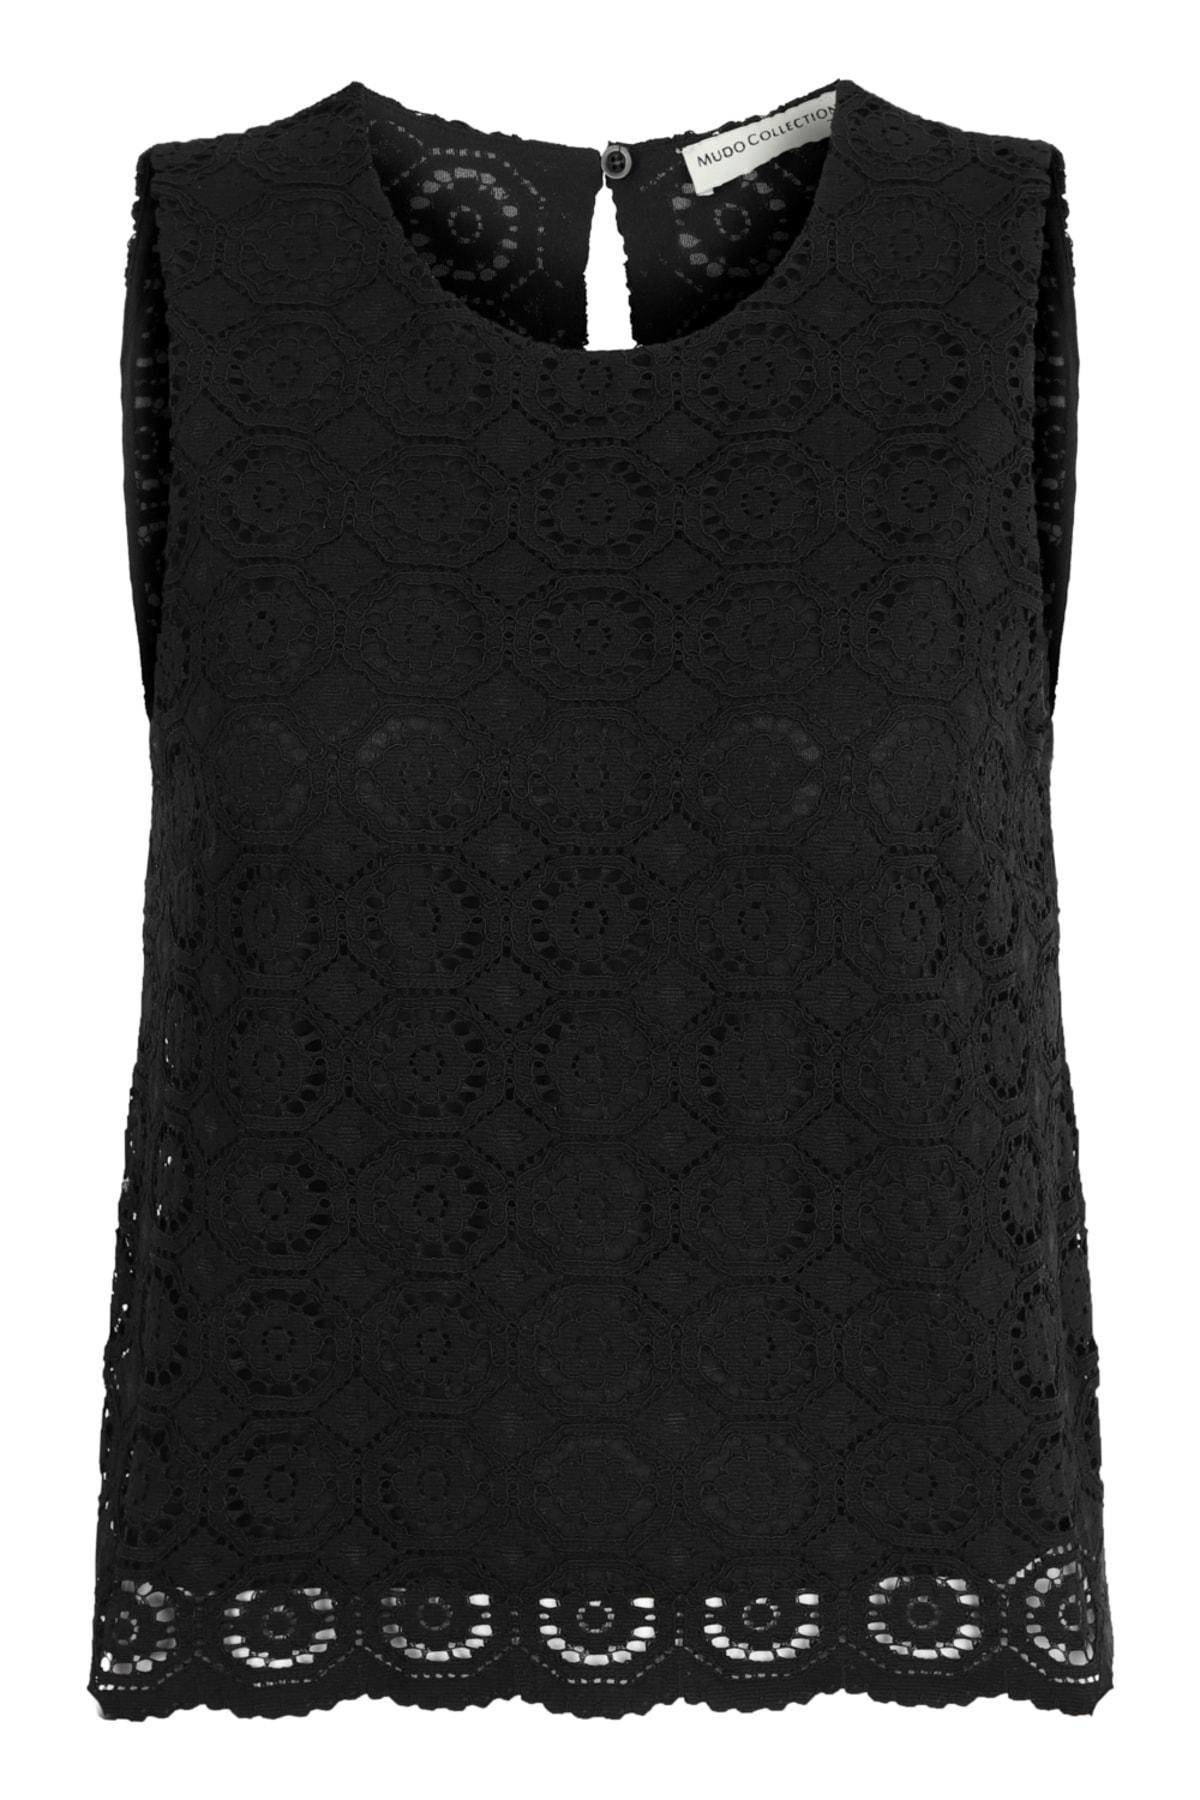 Kadın Siyah Dantelli Bluz 1216790